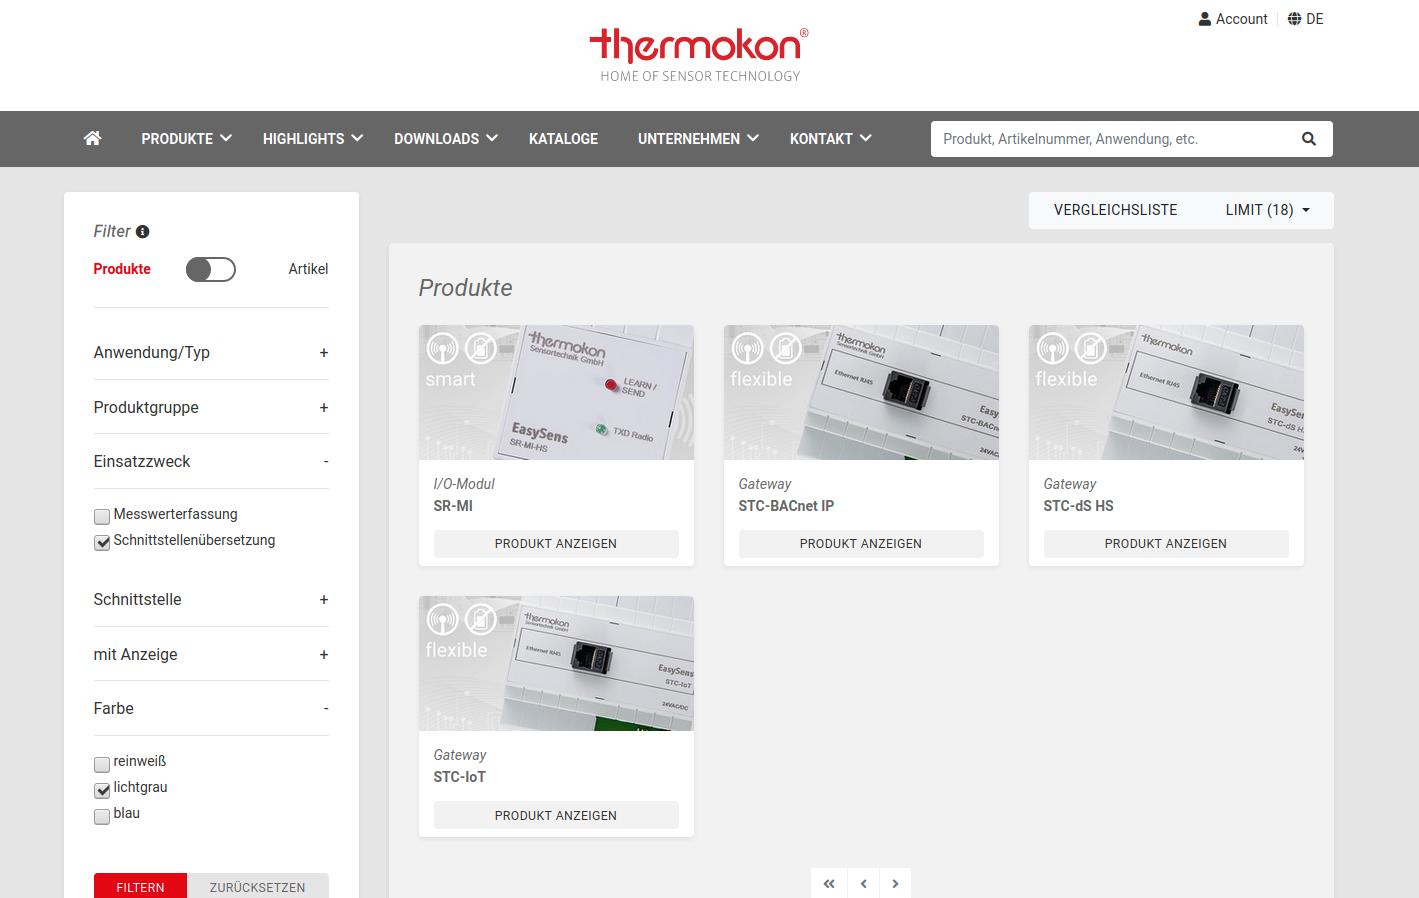 Thermokon Direct Produktsuche: superschnelle Suche über alle technischen Details der Thermokon-Produkte